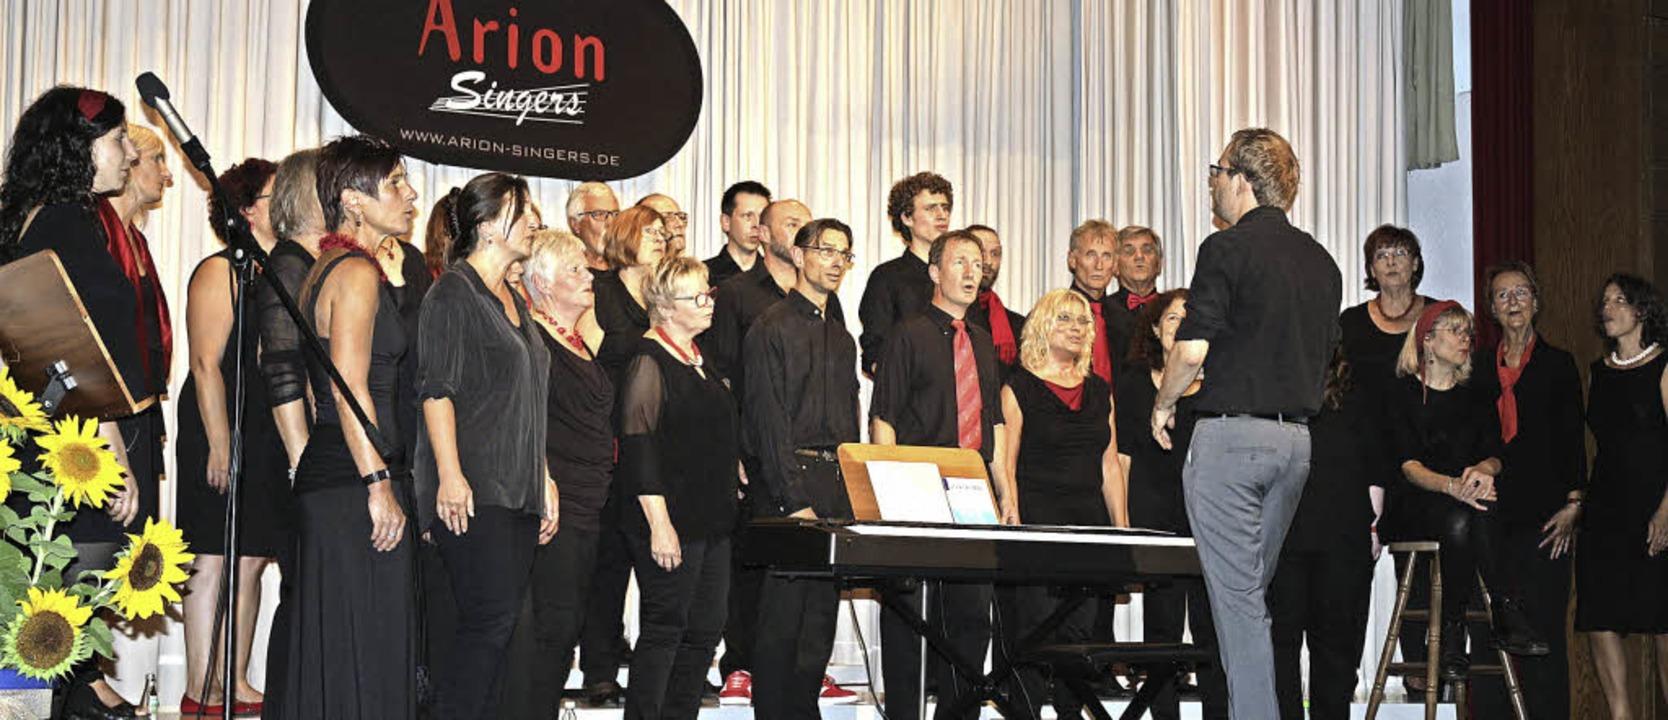 Die Arion Singers luden zum Konzert ins Pfarrzentrum Waldkirch ein.  | Foto: Fotos: Karin Heiss